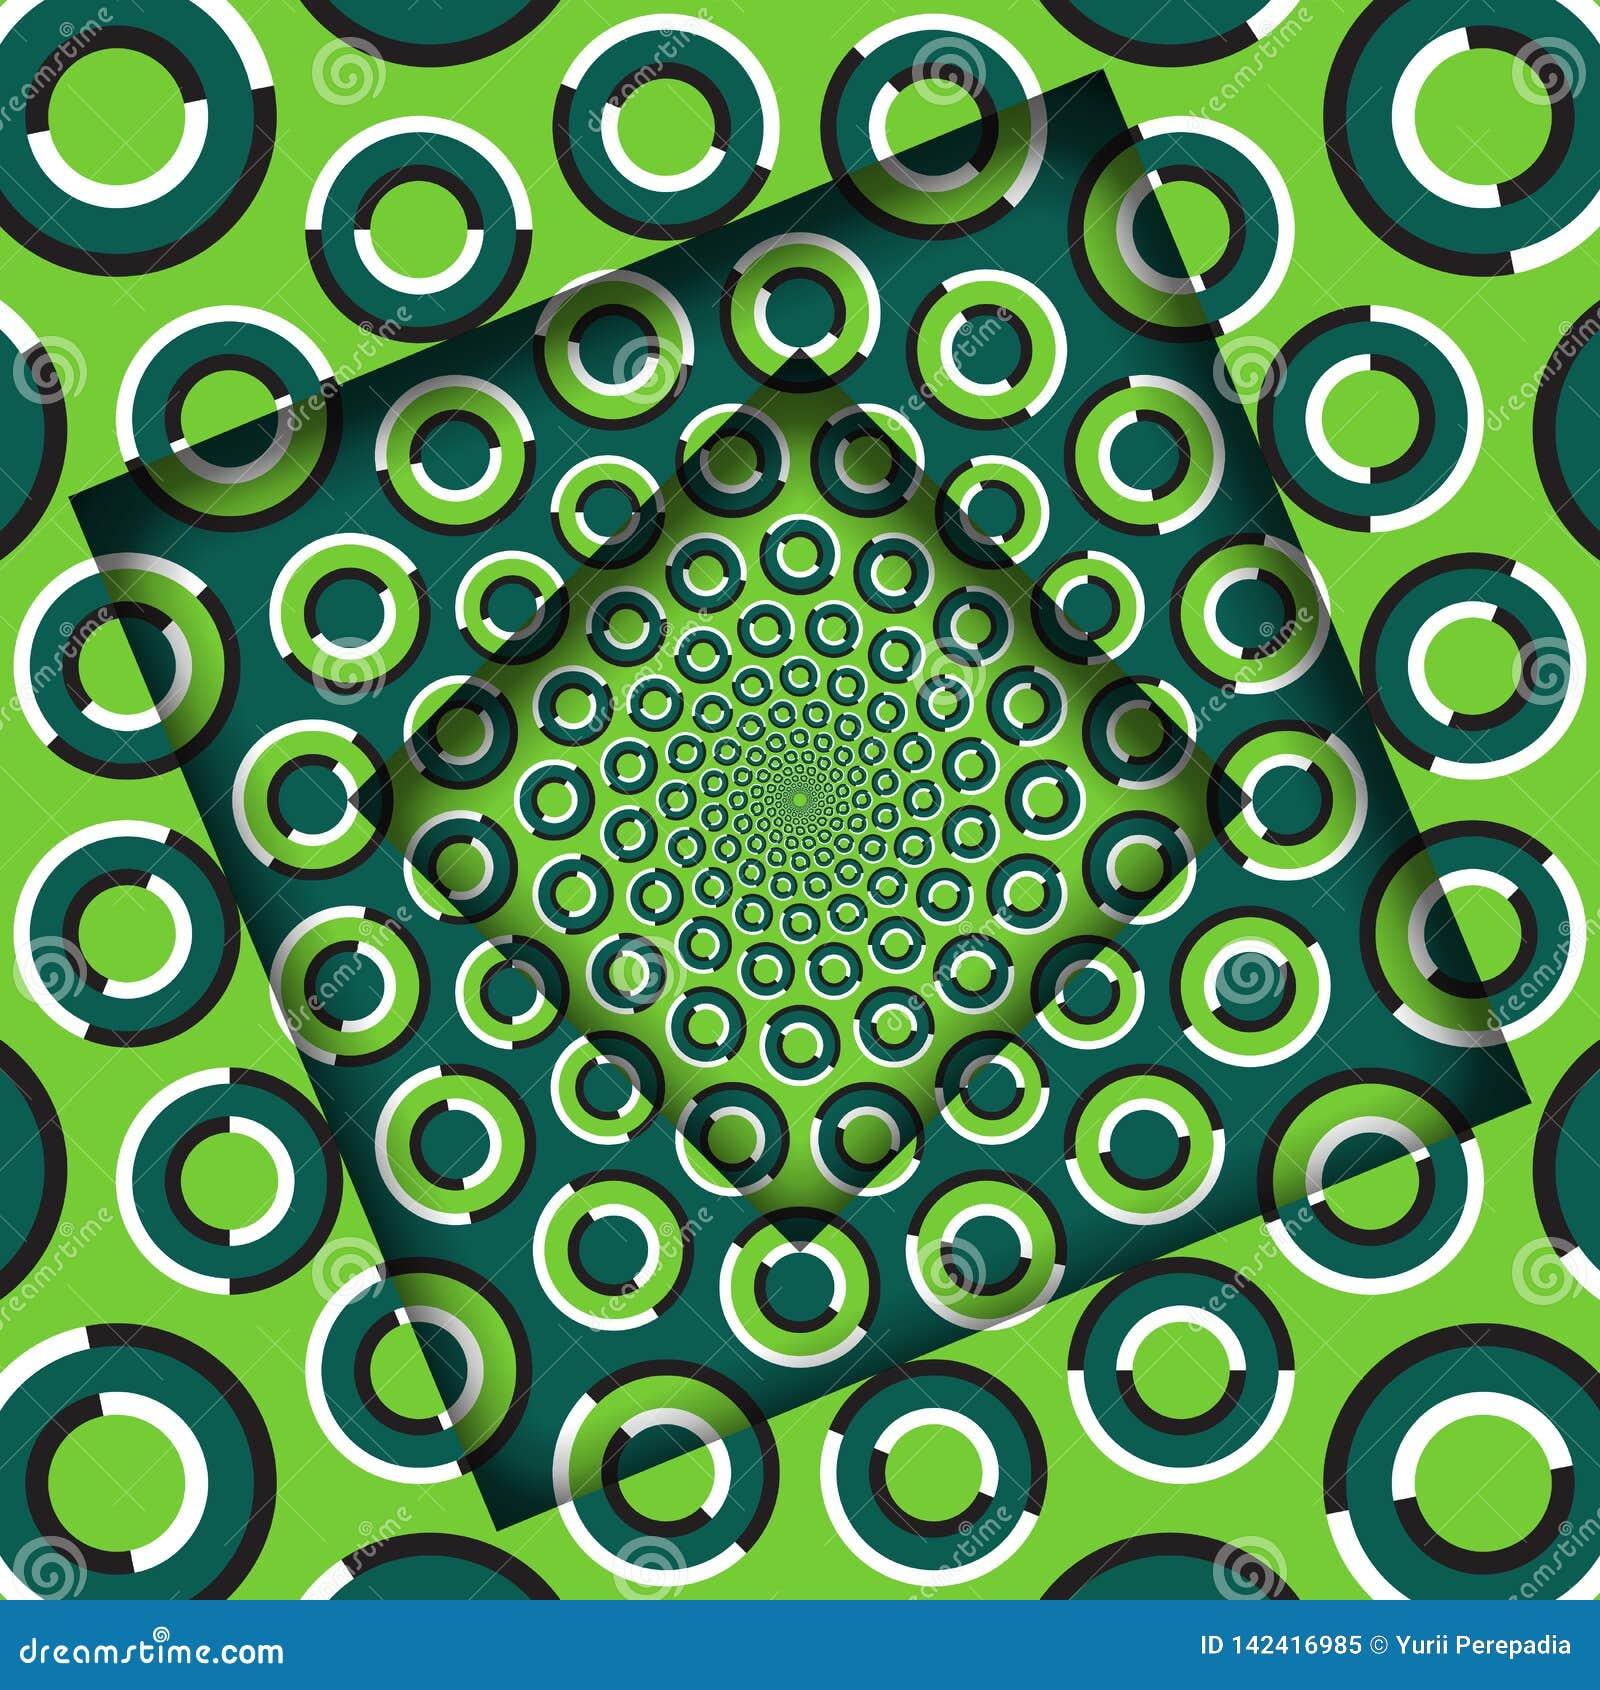 Samenvatting gedraaide kaders met een roterend groen ringenpatroon De Achtergrond van de optische illusie